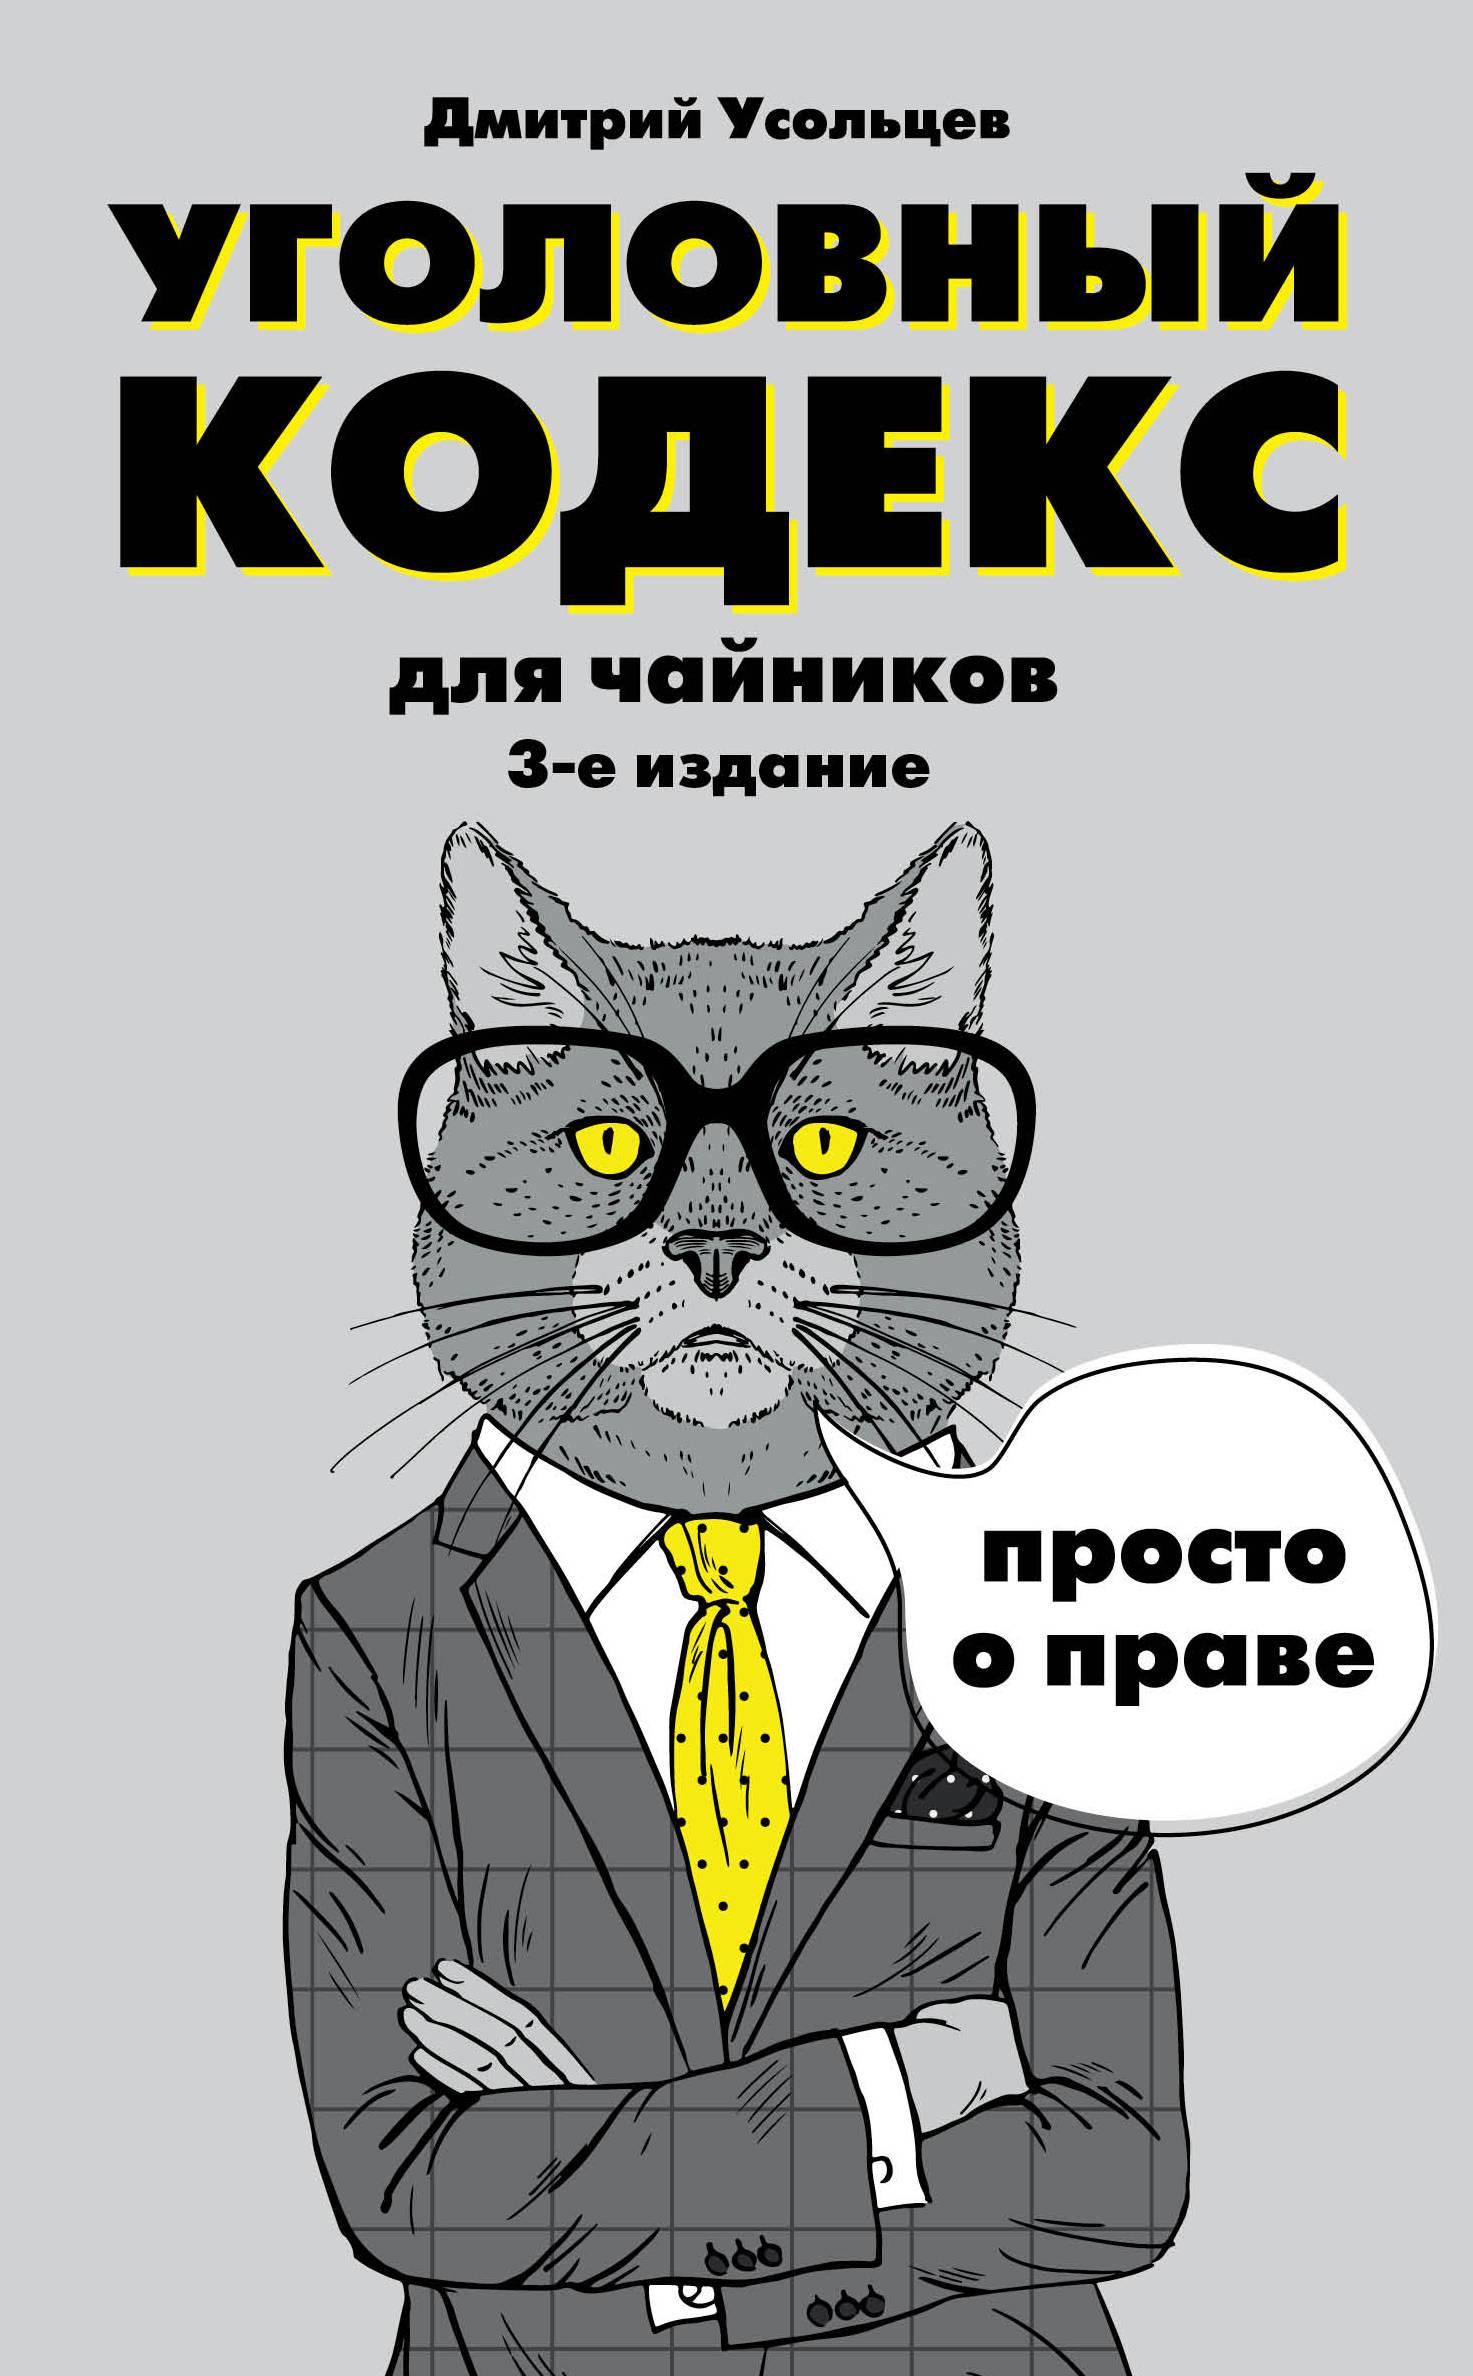 Дмитрий Усольцев Уголовный кодекс для чайников усольцев д уголовный кодекс для чайников